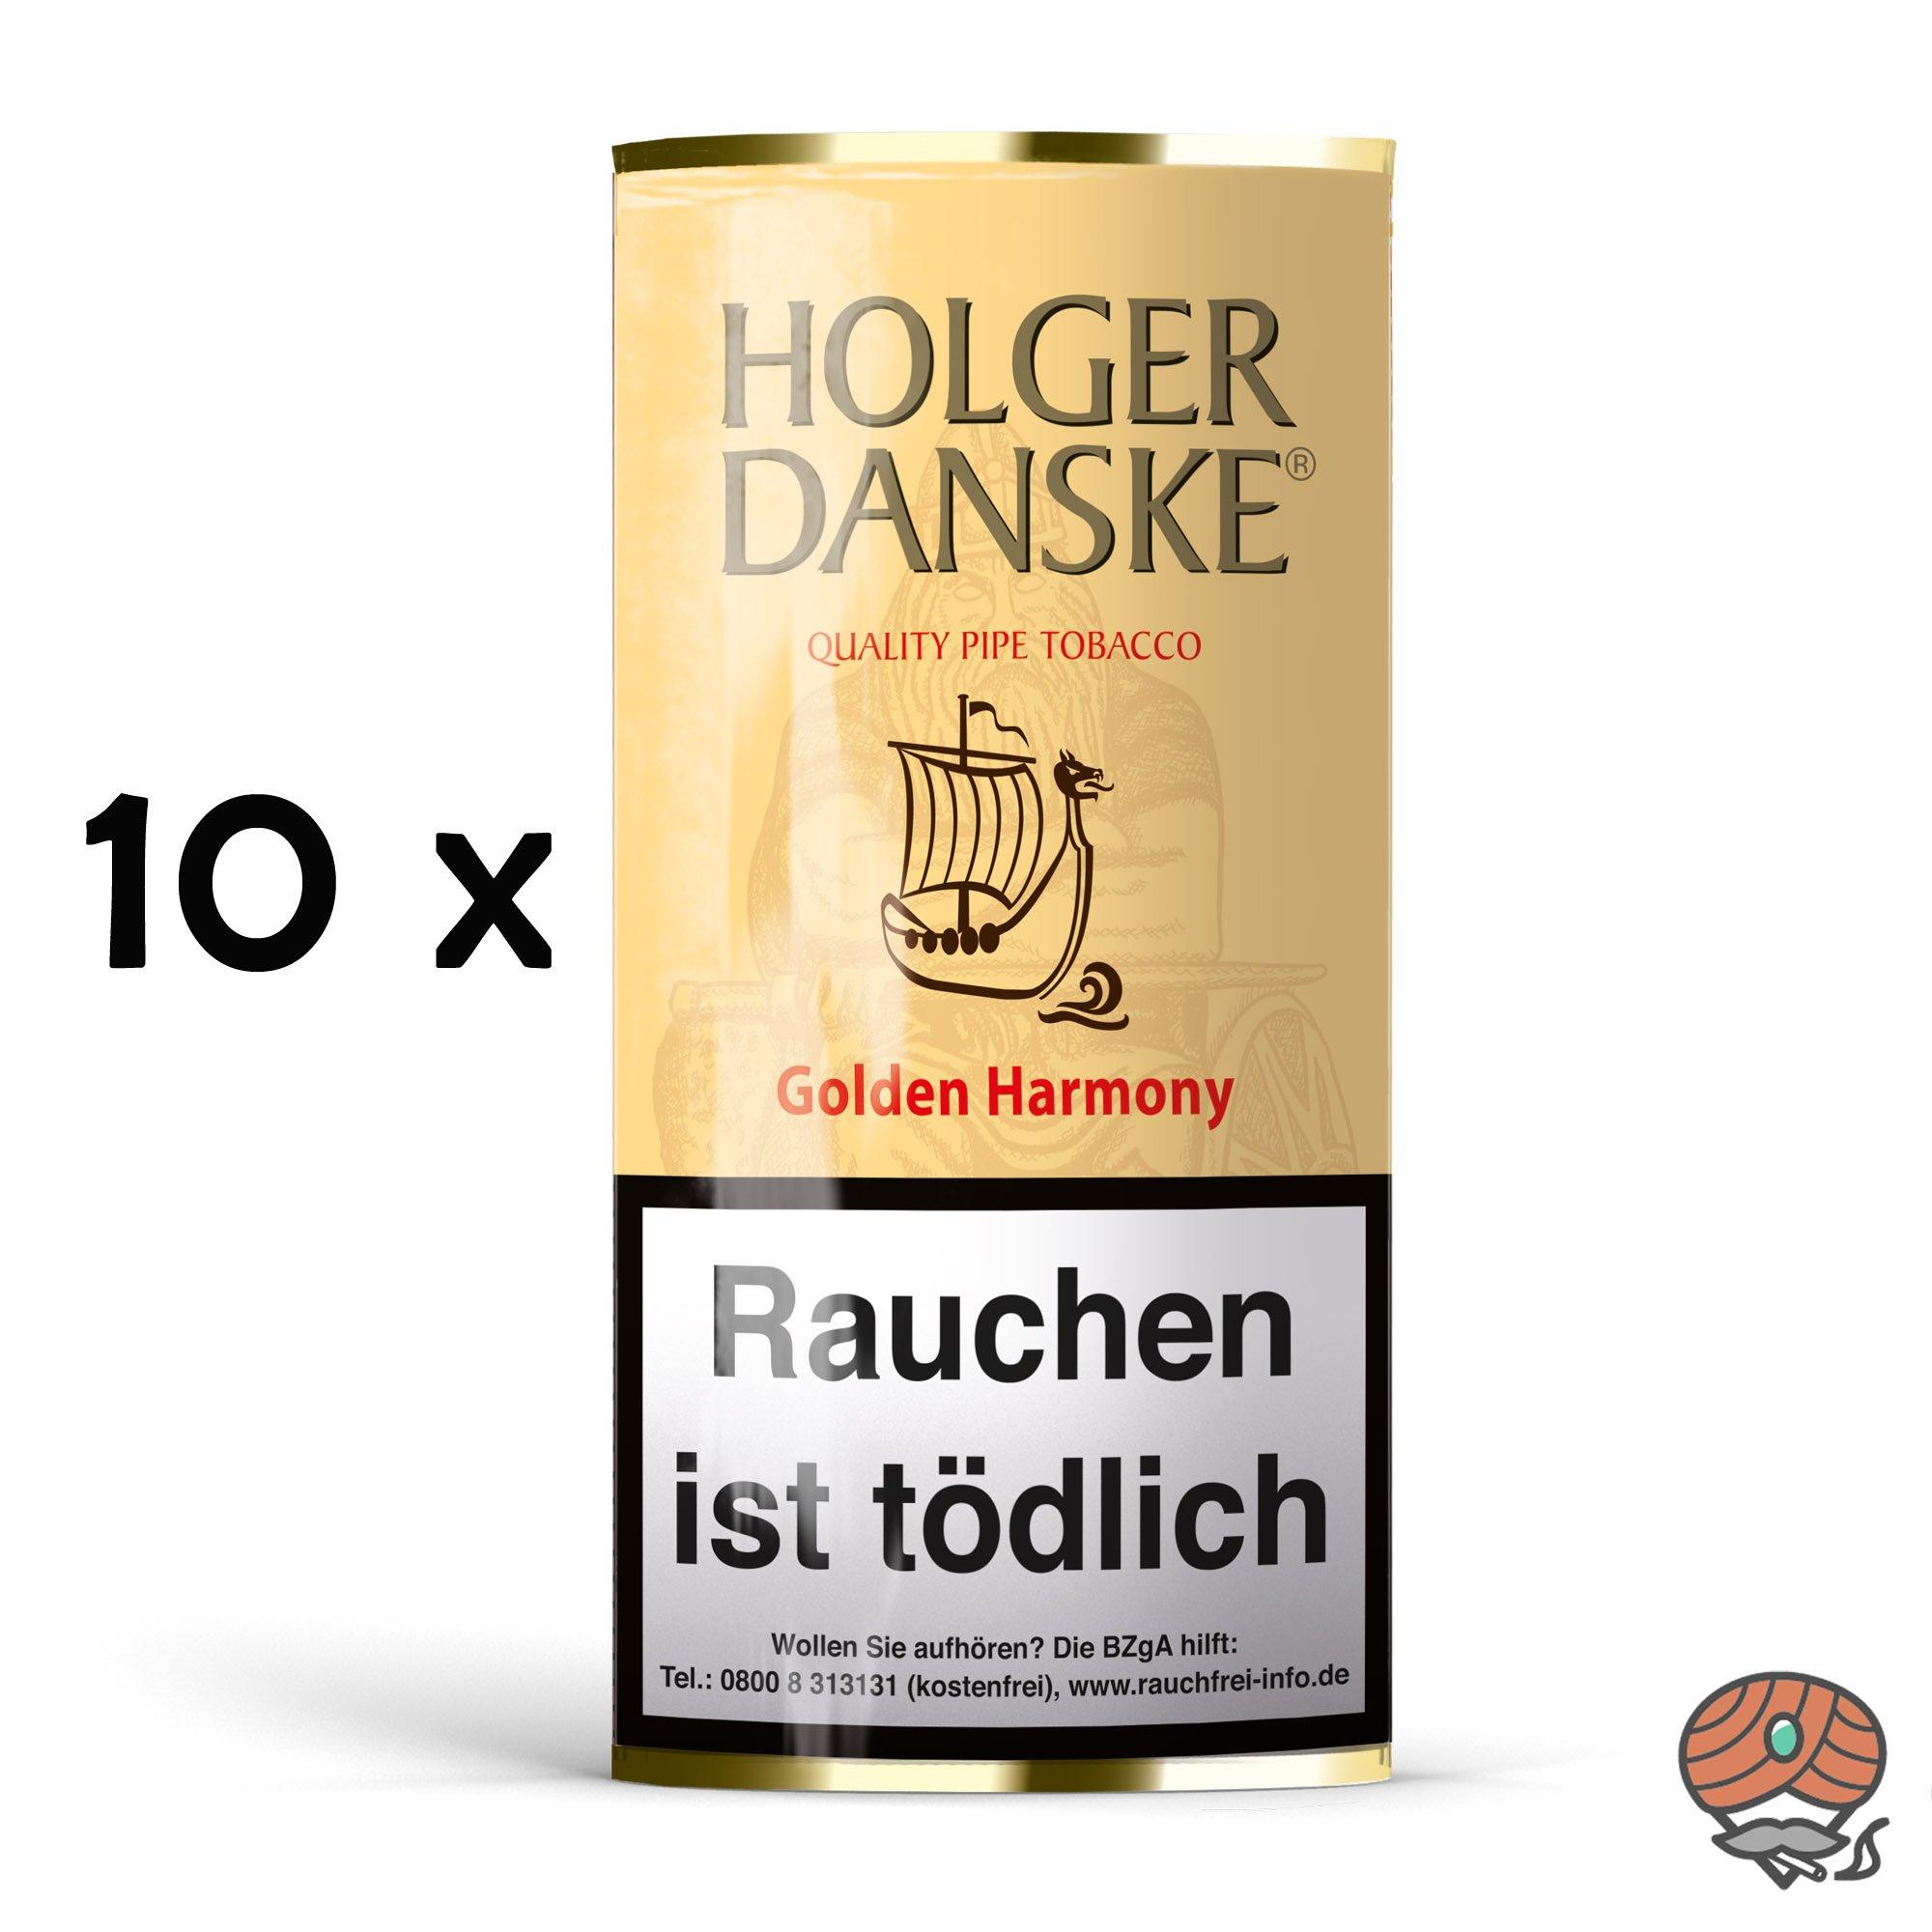 10x Holger Danske Golden Harmony Pfeifentabak à 40g